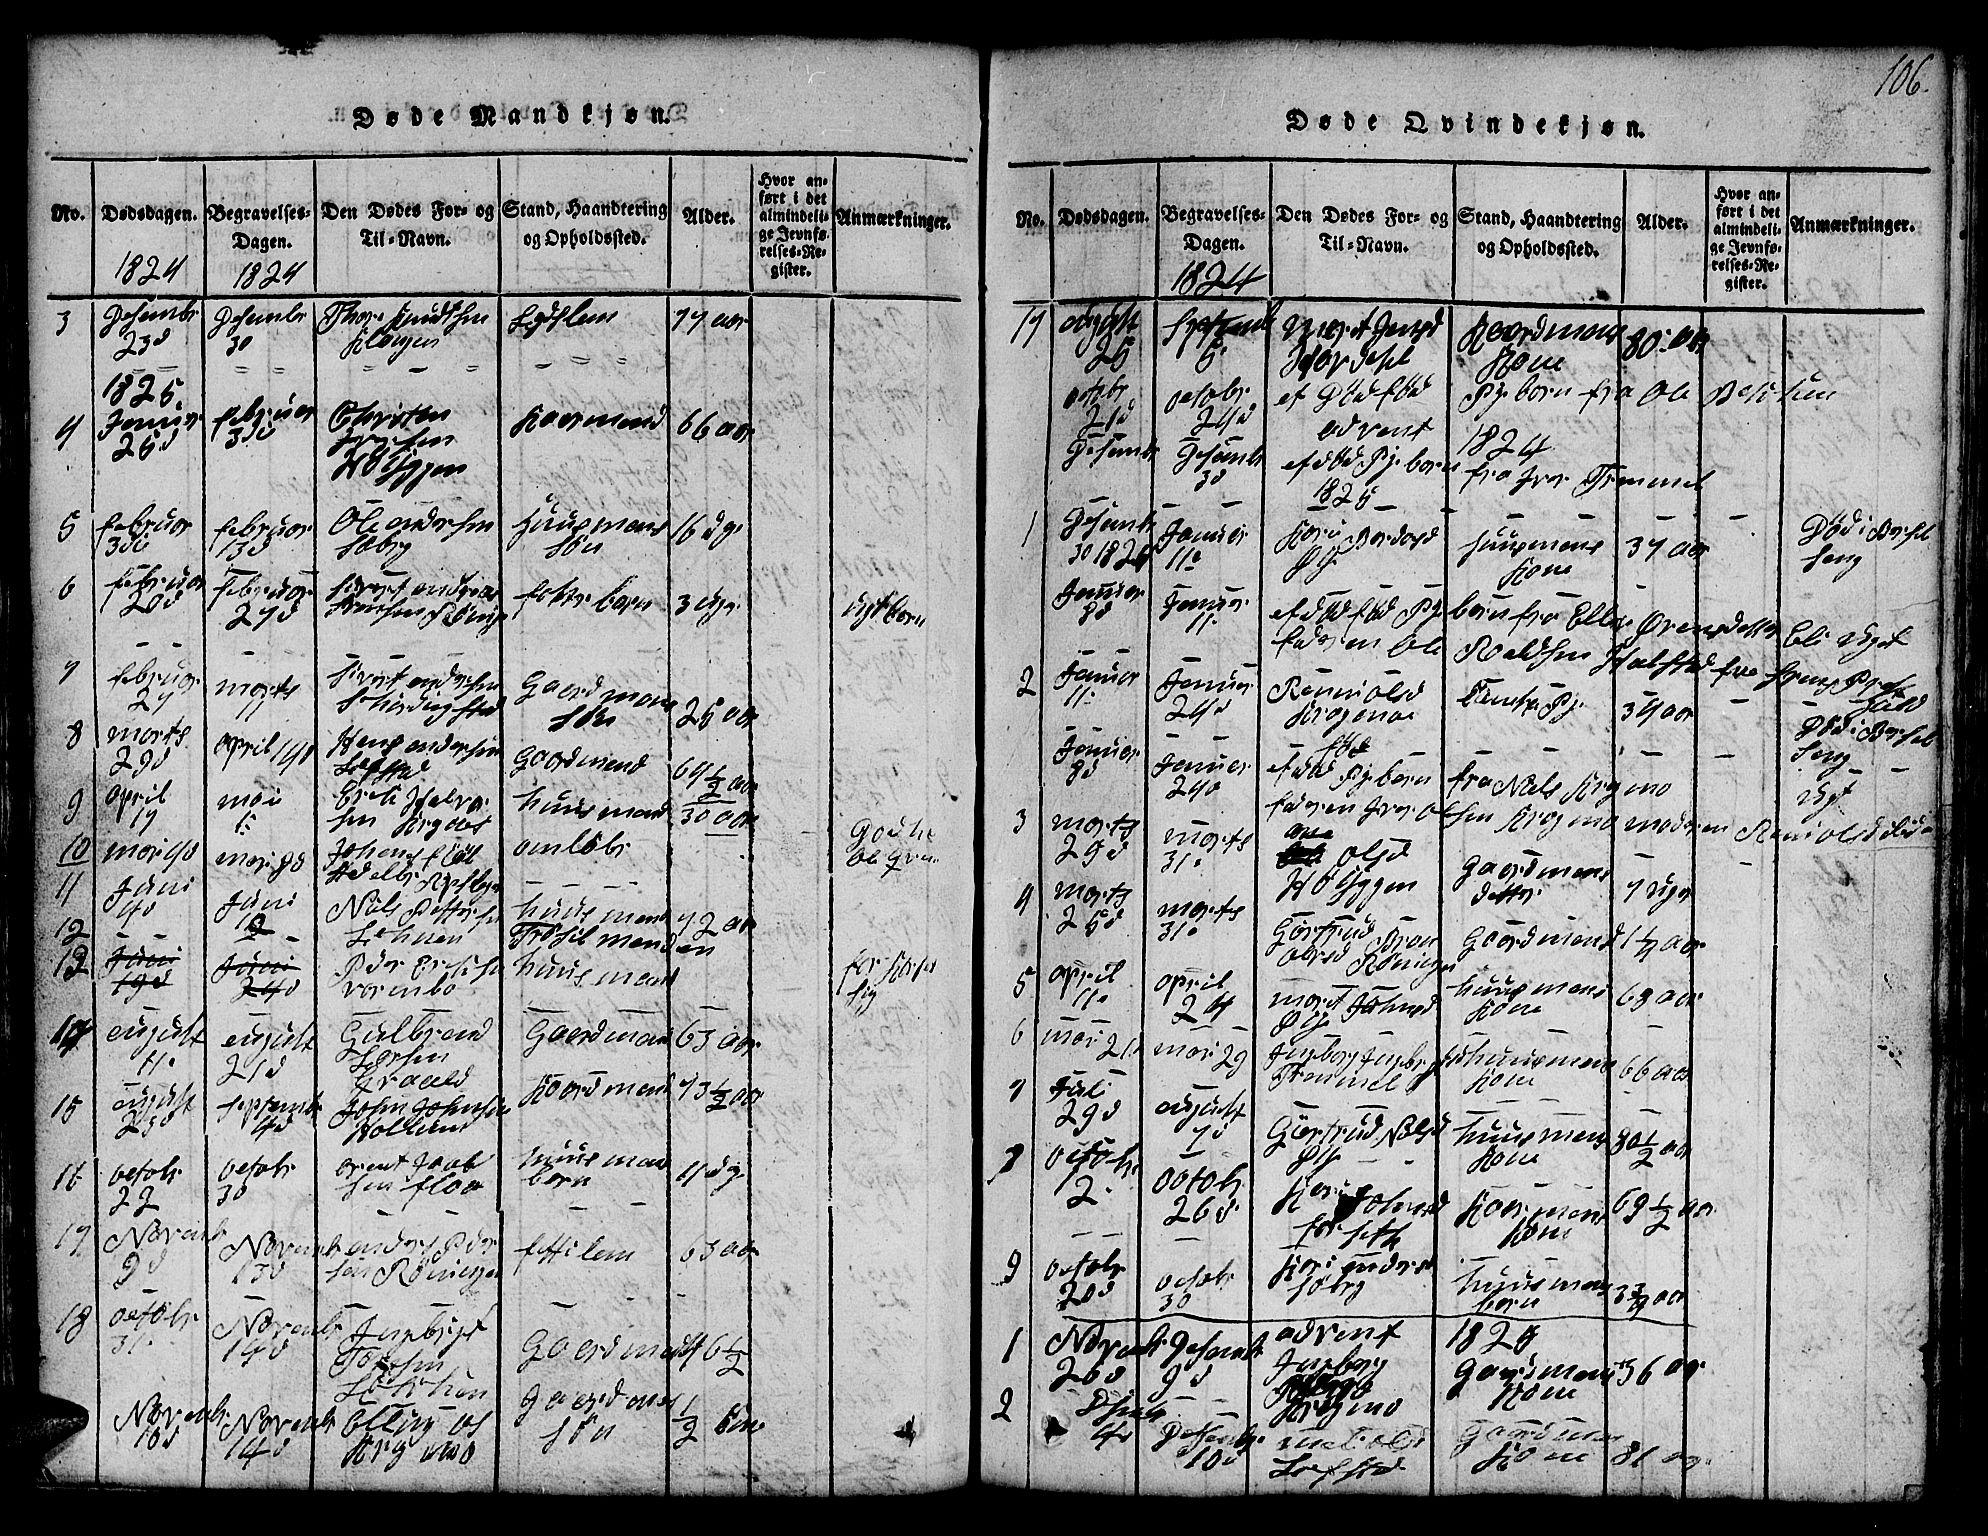 SAT, Ministerialprotokoller, klokkerbøker og fødselsregistre - Sør-Trøndelag, 691/L1092: Klokkerbok nr. 691C03, 1816-1852, s. 106